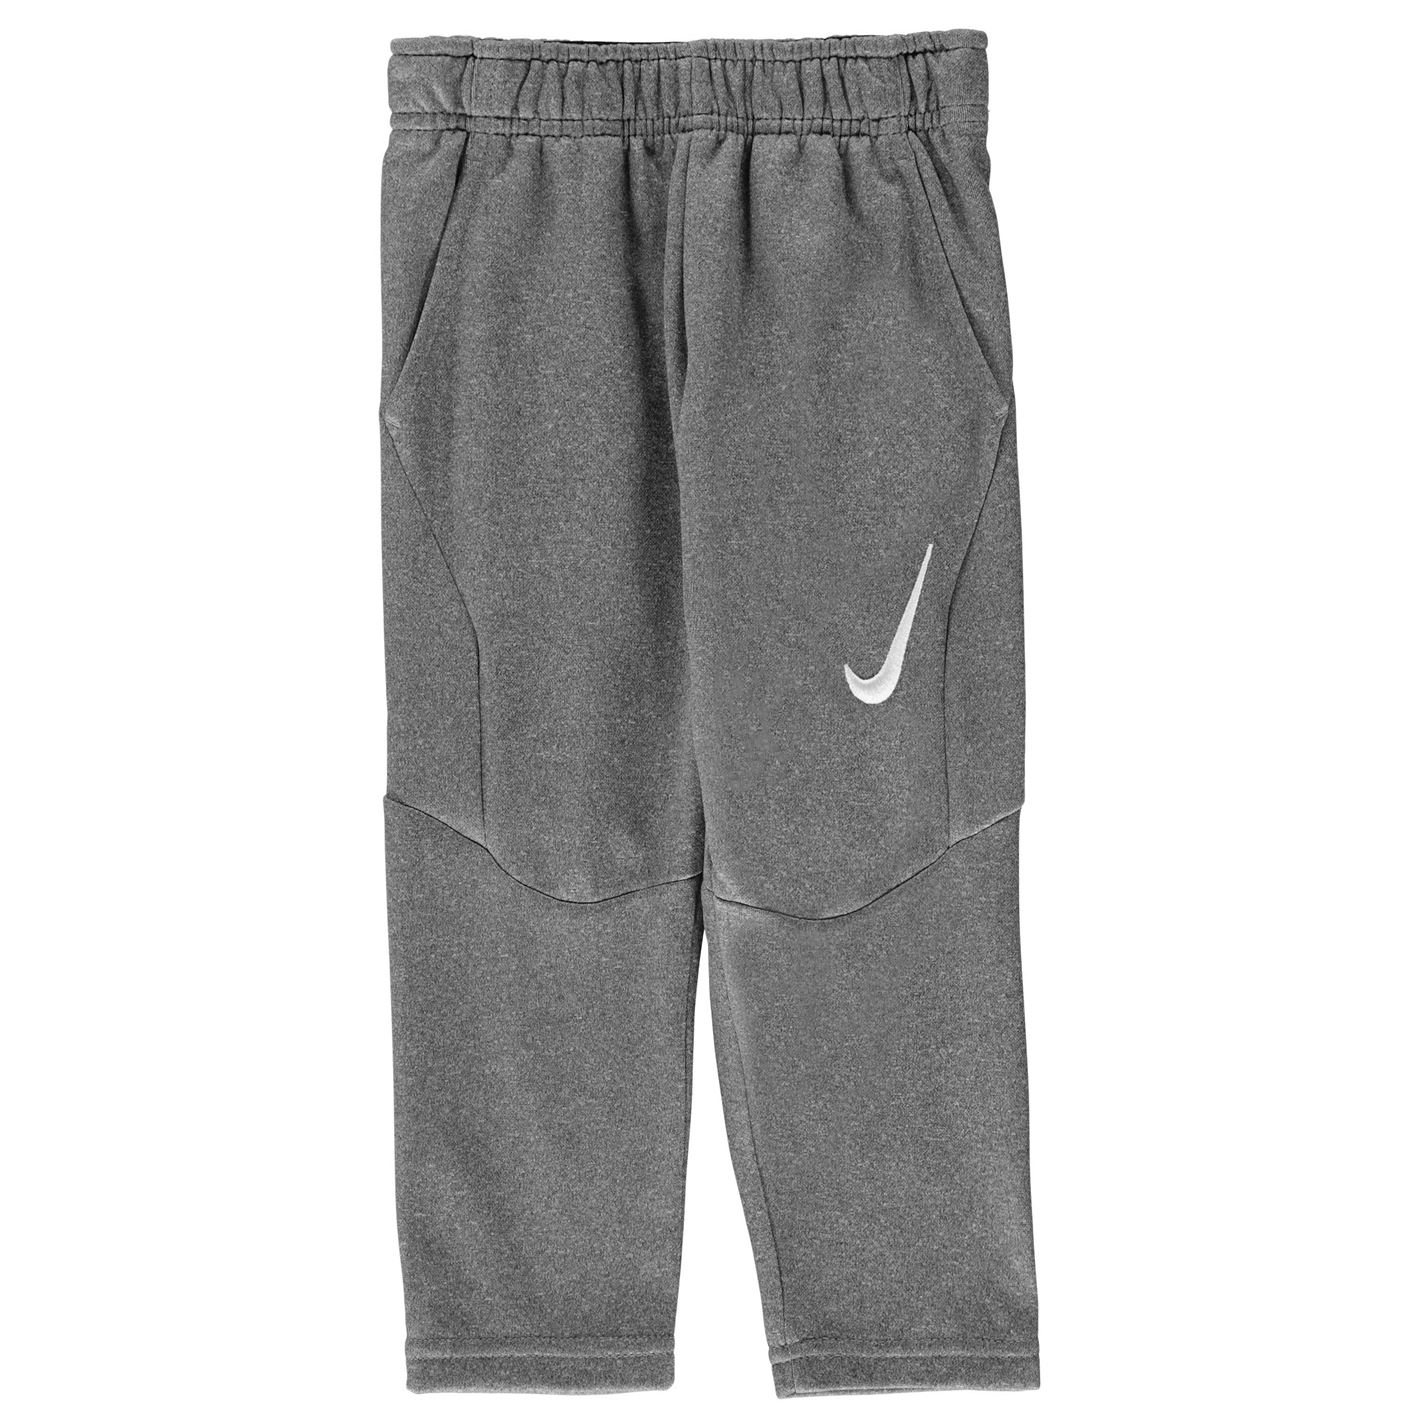 Nike Therma GFX jogingové Bottoms dětské chlapecké a199a472f9